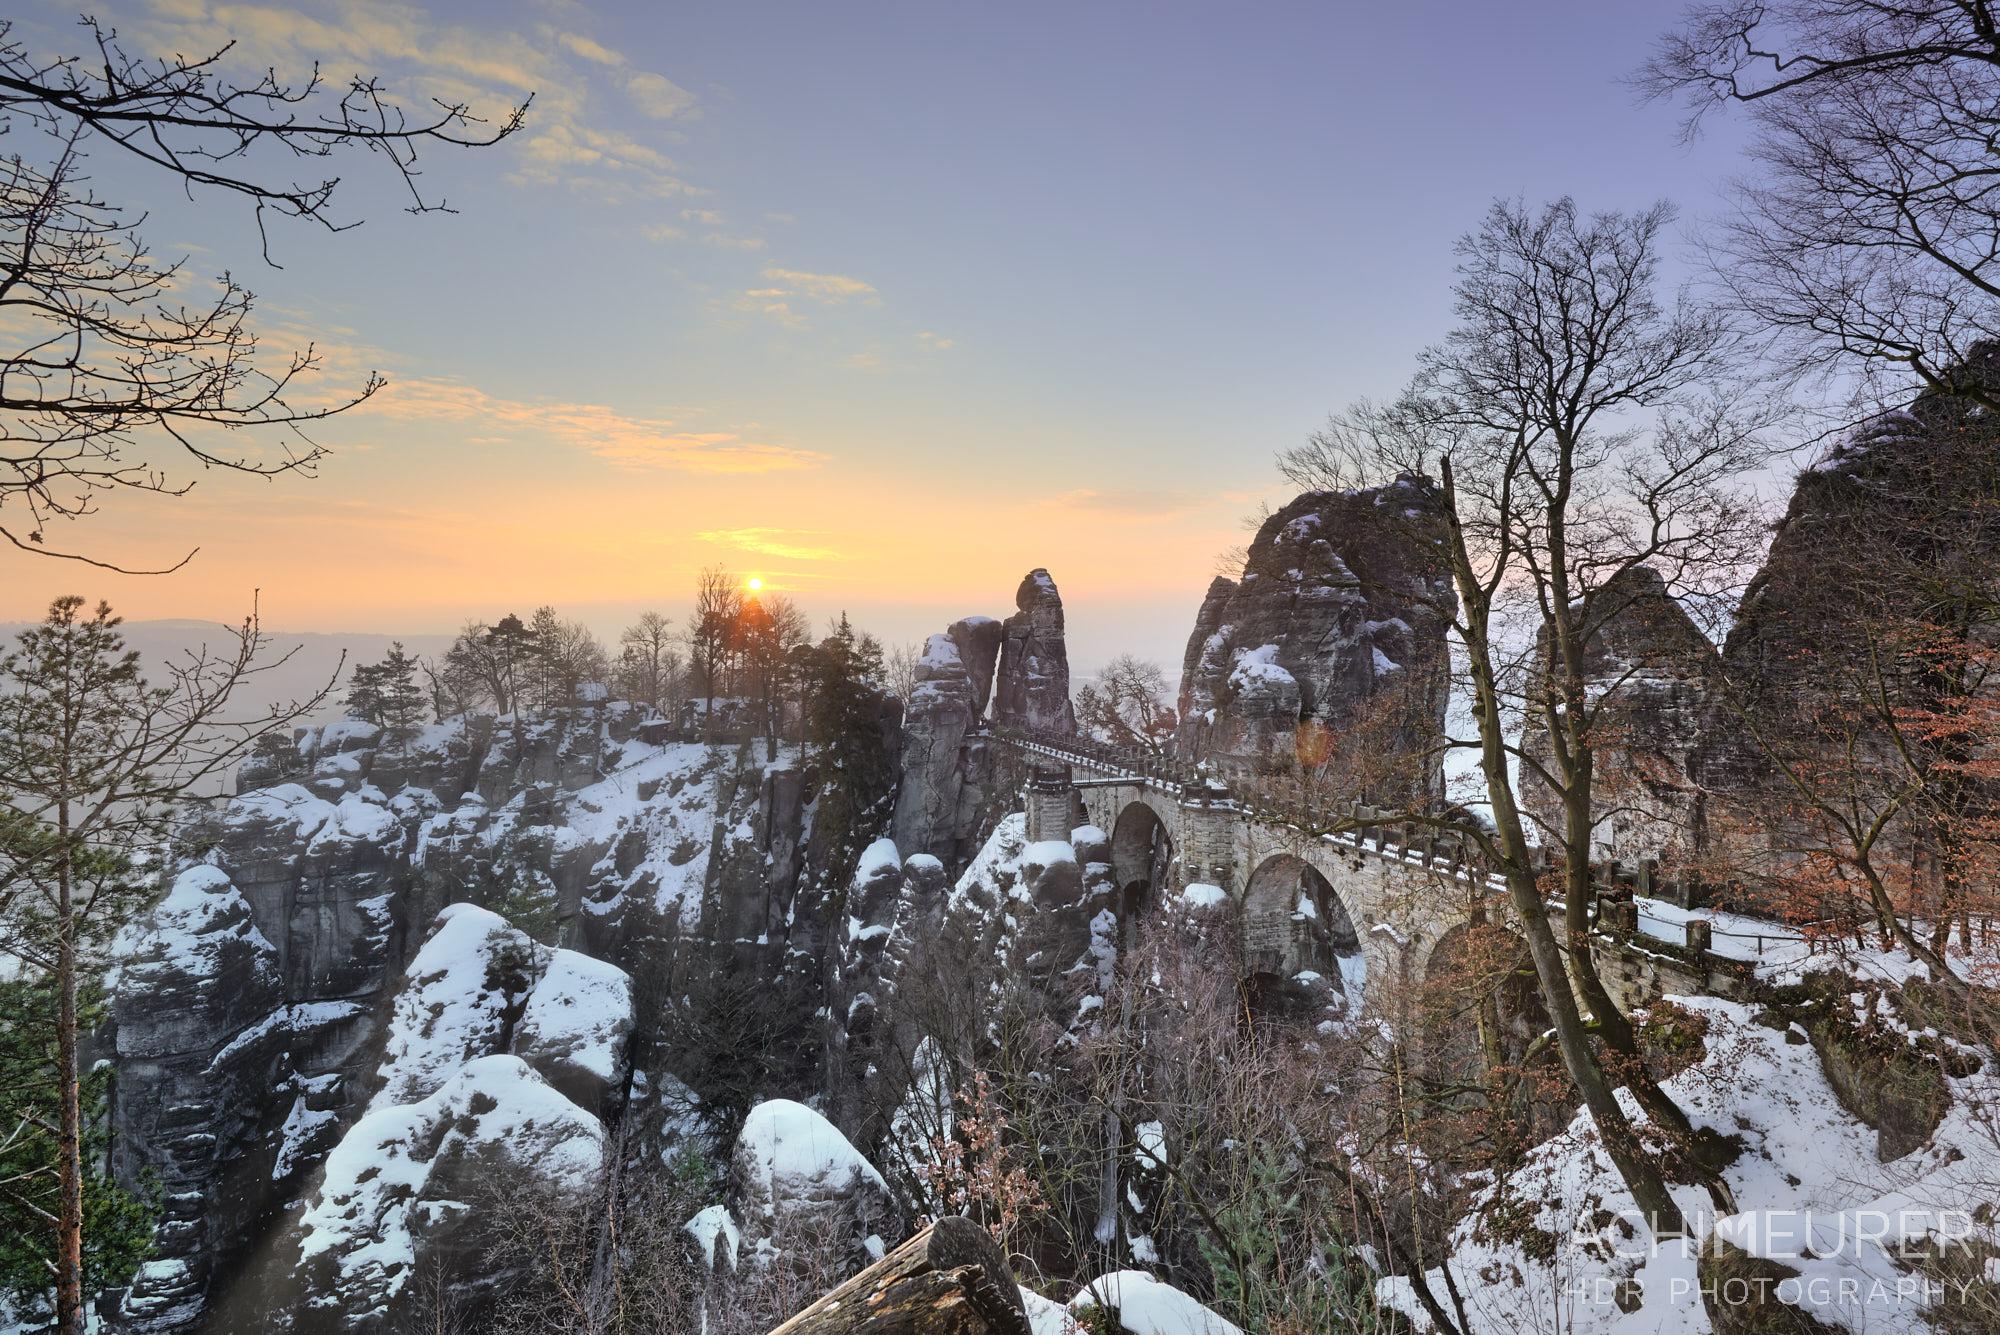 Sonnenaufgang über der Bastei Brücke im Winter by Achim Meurer.